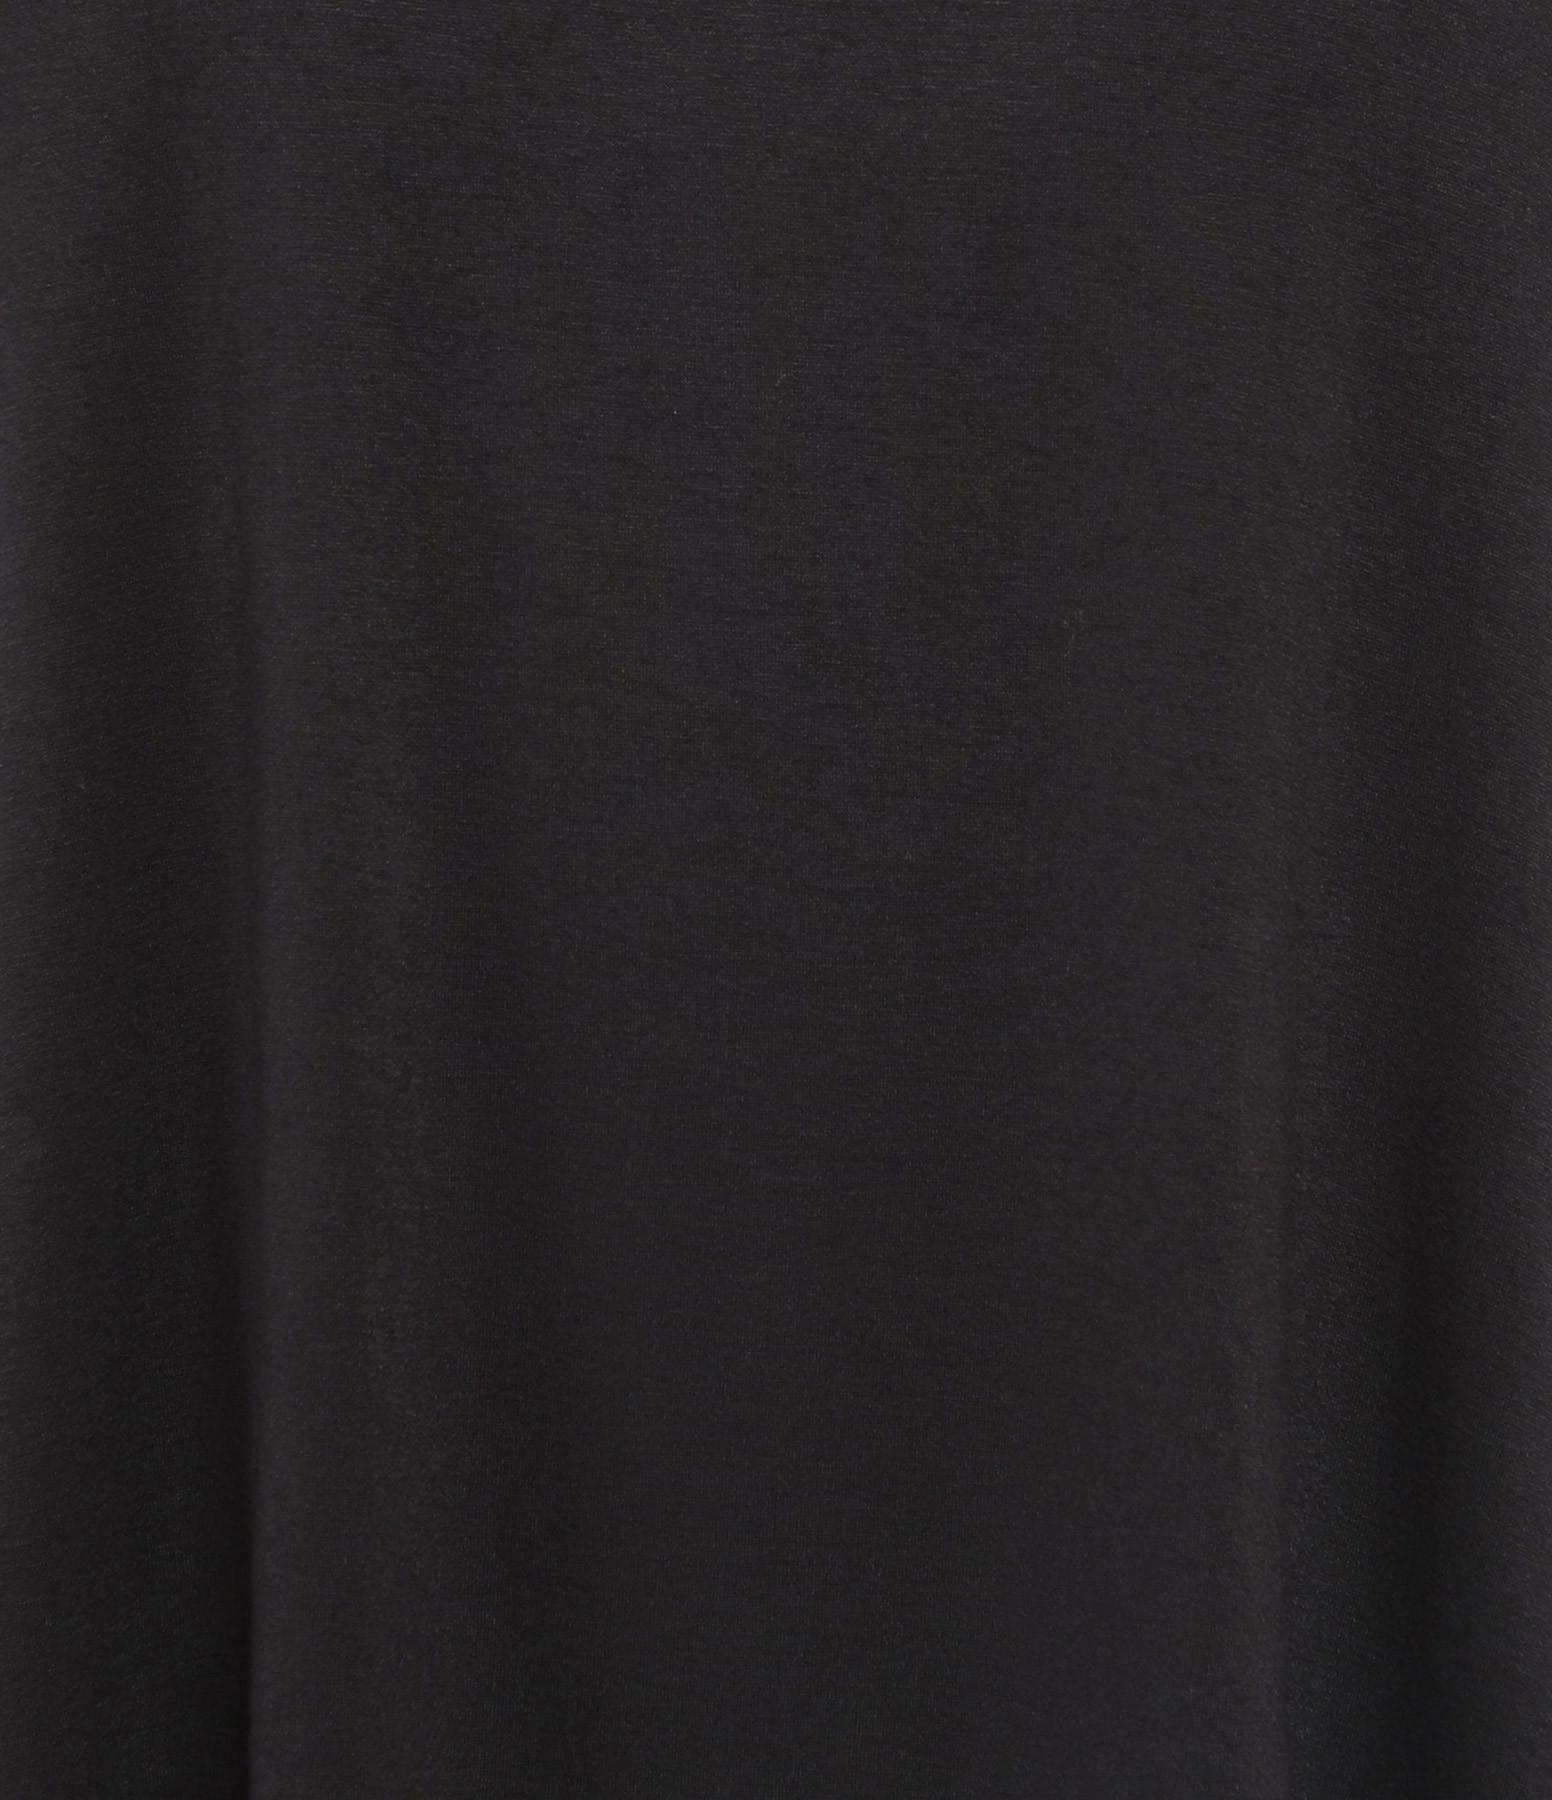 MARGAUX LONNBERG - Tee-shirt Marlow Noir